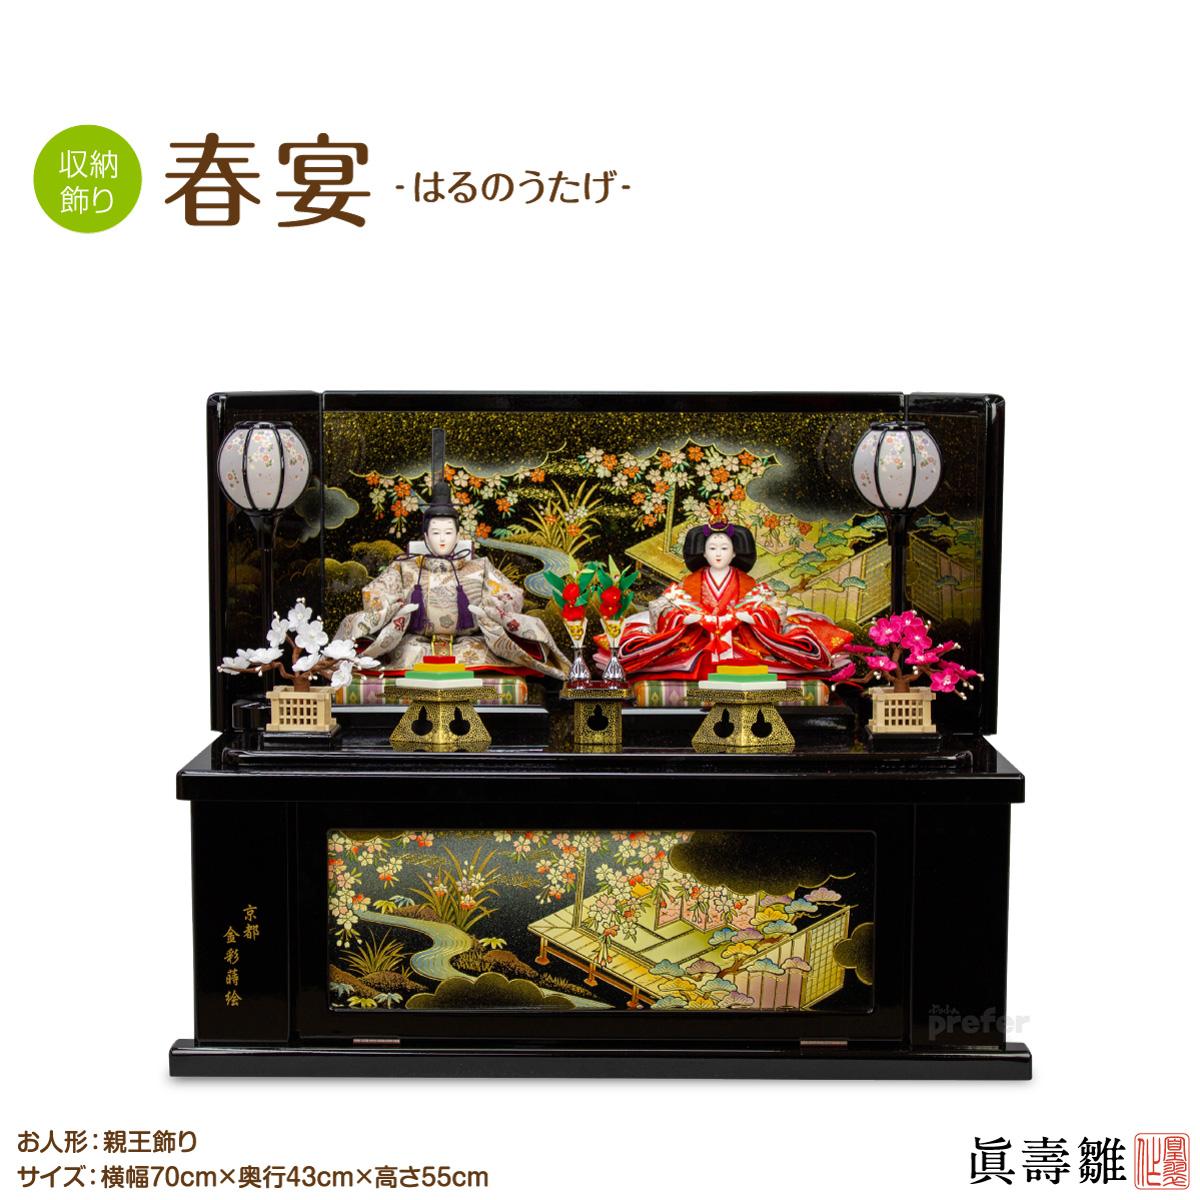 雛人形 収納飾り ひな人形 収納スペース付眞壽雛春宴(はるのうたげ) コンパクト 収納雛 特選